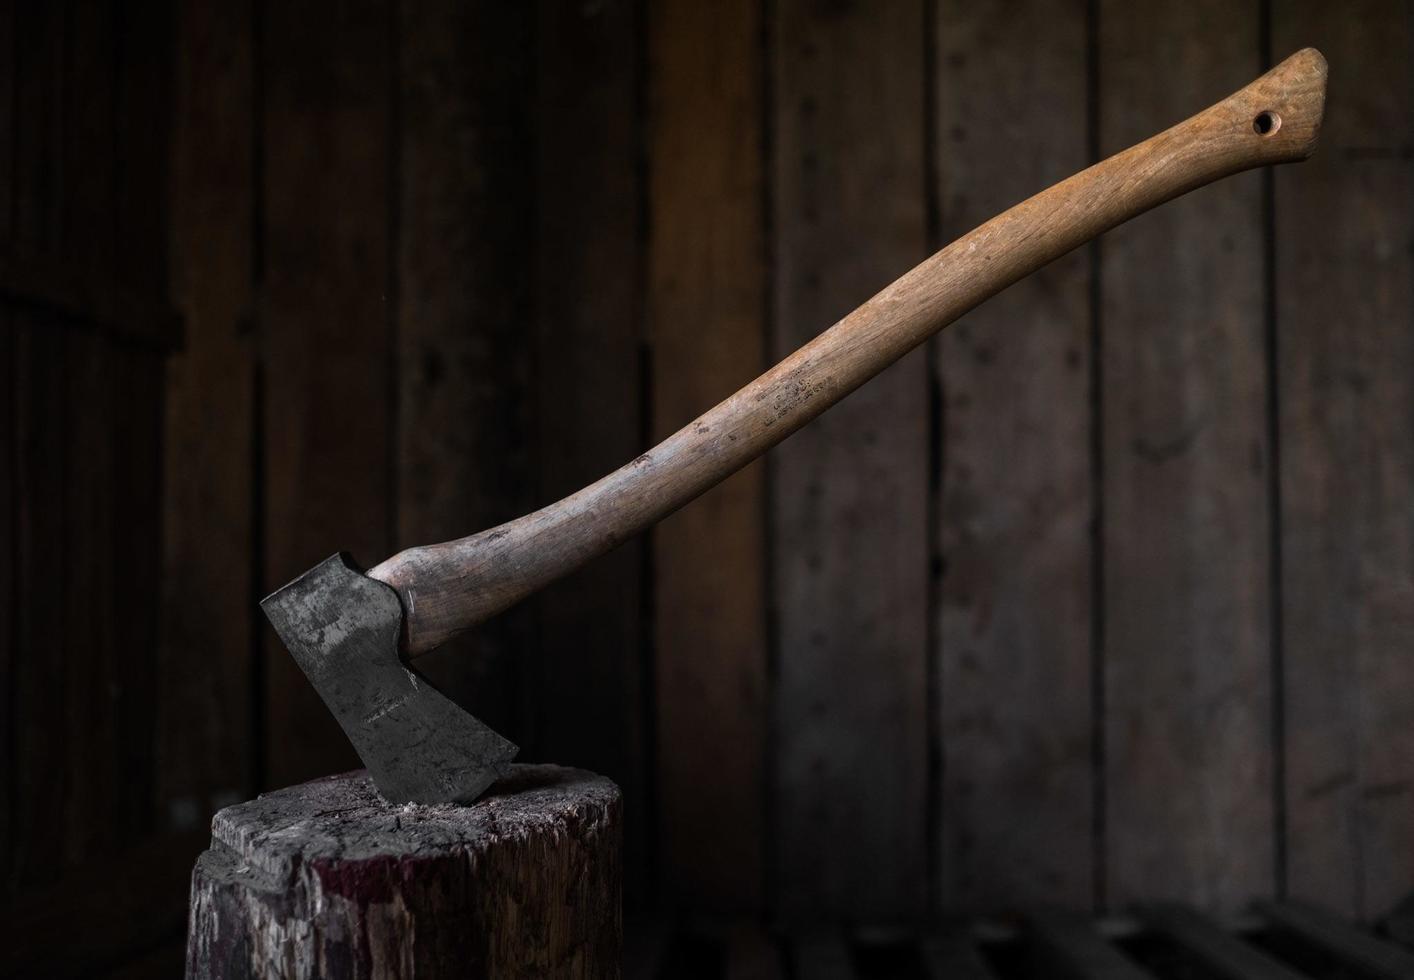 un'ascia di ferro bloccata in un tronco di legno foto